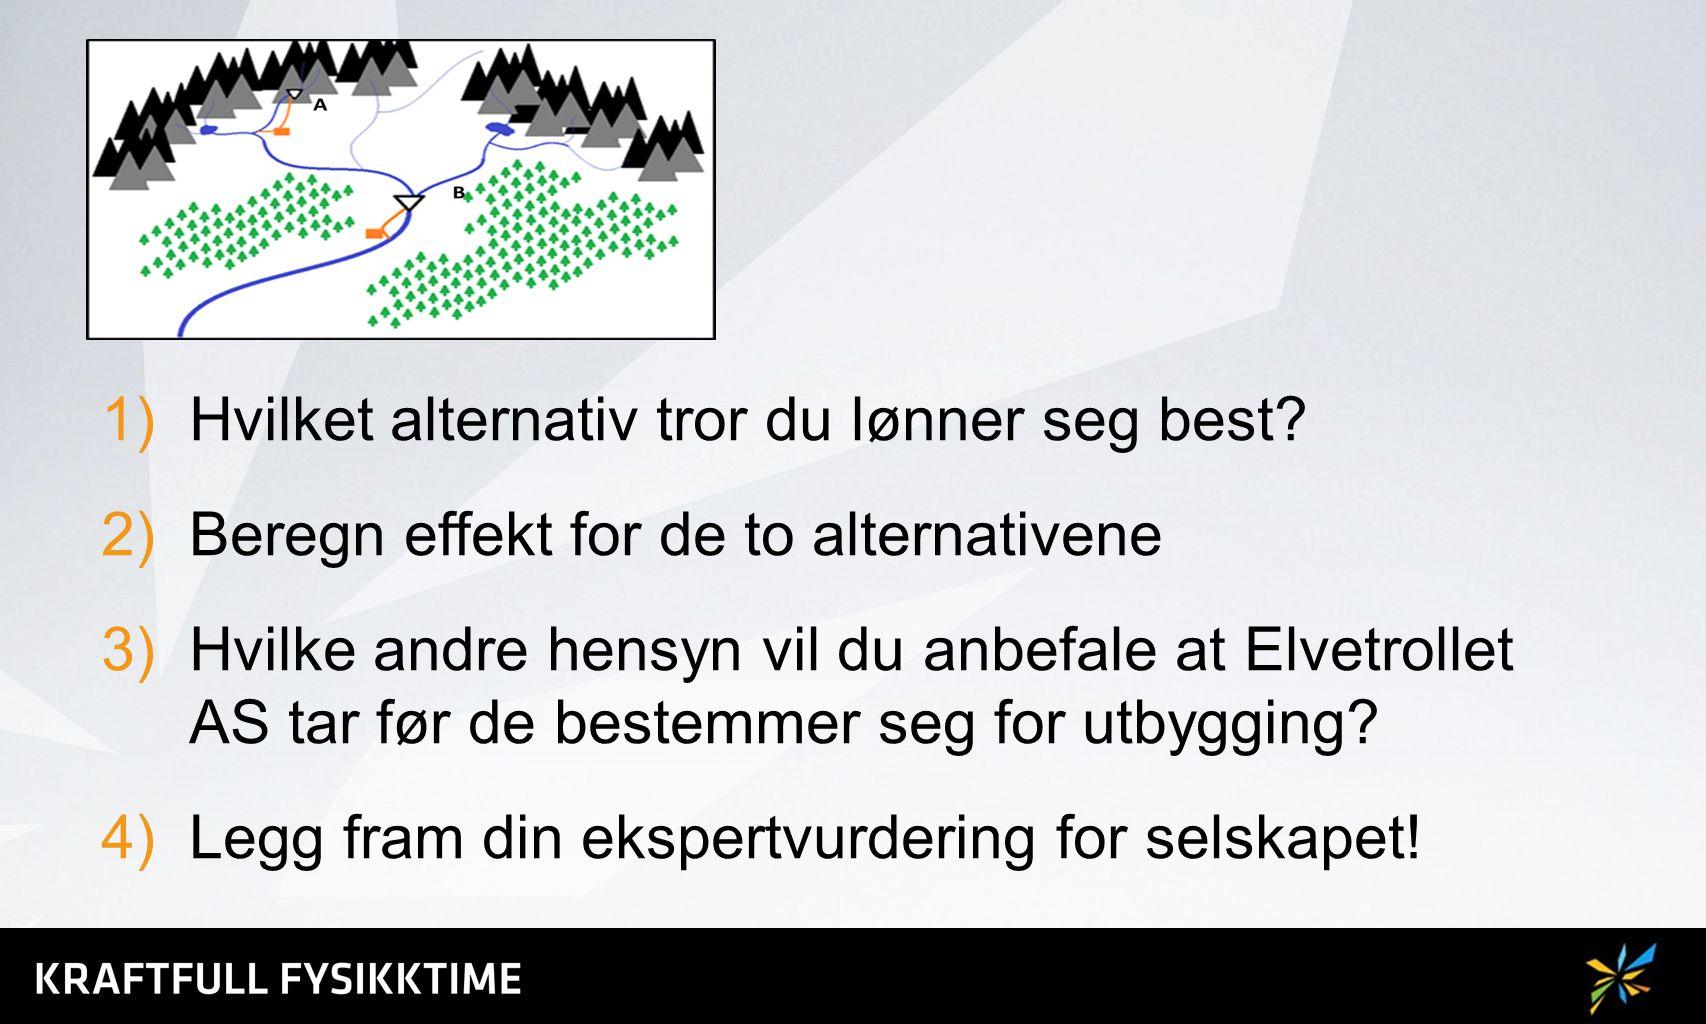 1)Hvilket alternativ tror du lønner seg best? 2)Beregn effekt for de to alternativene 3)Hvilke andre hensyn vil du anbefale at Elvetrollet AS tar før